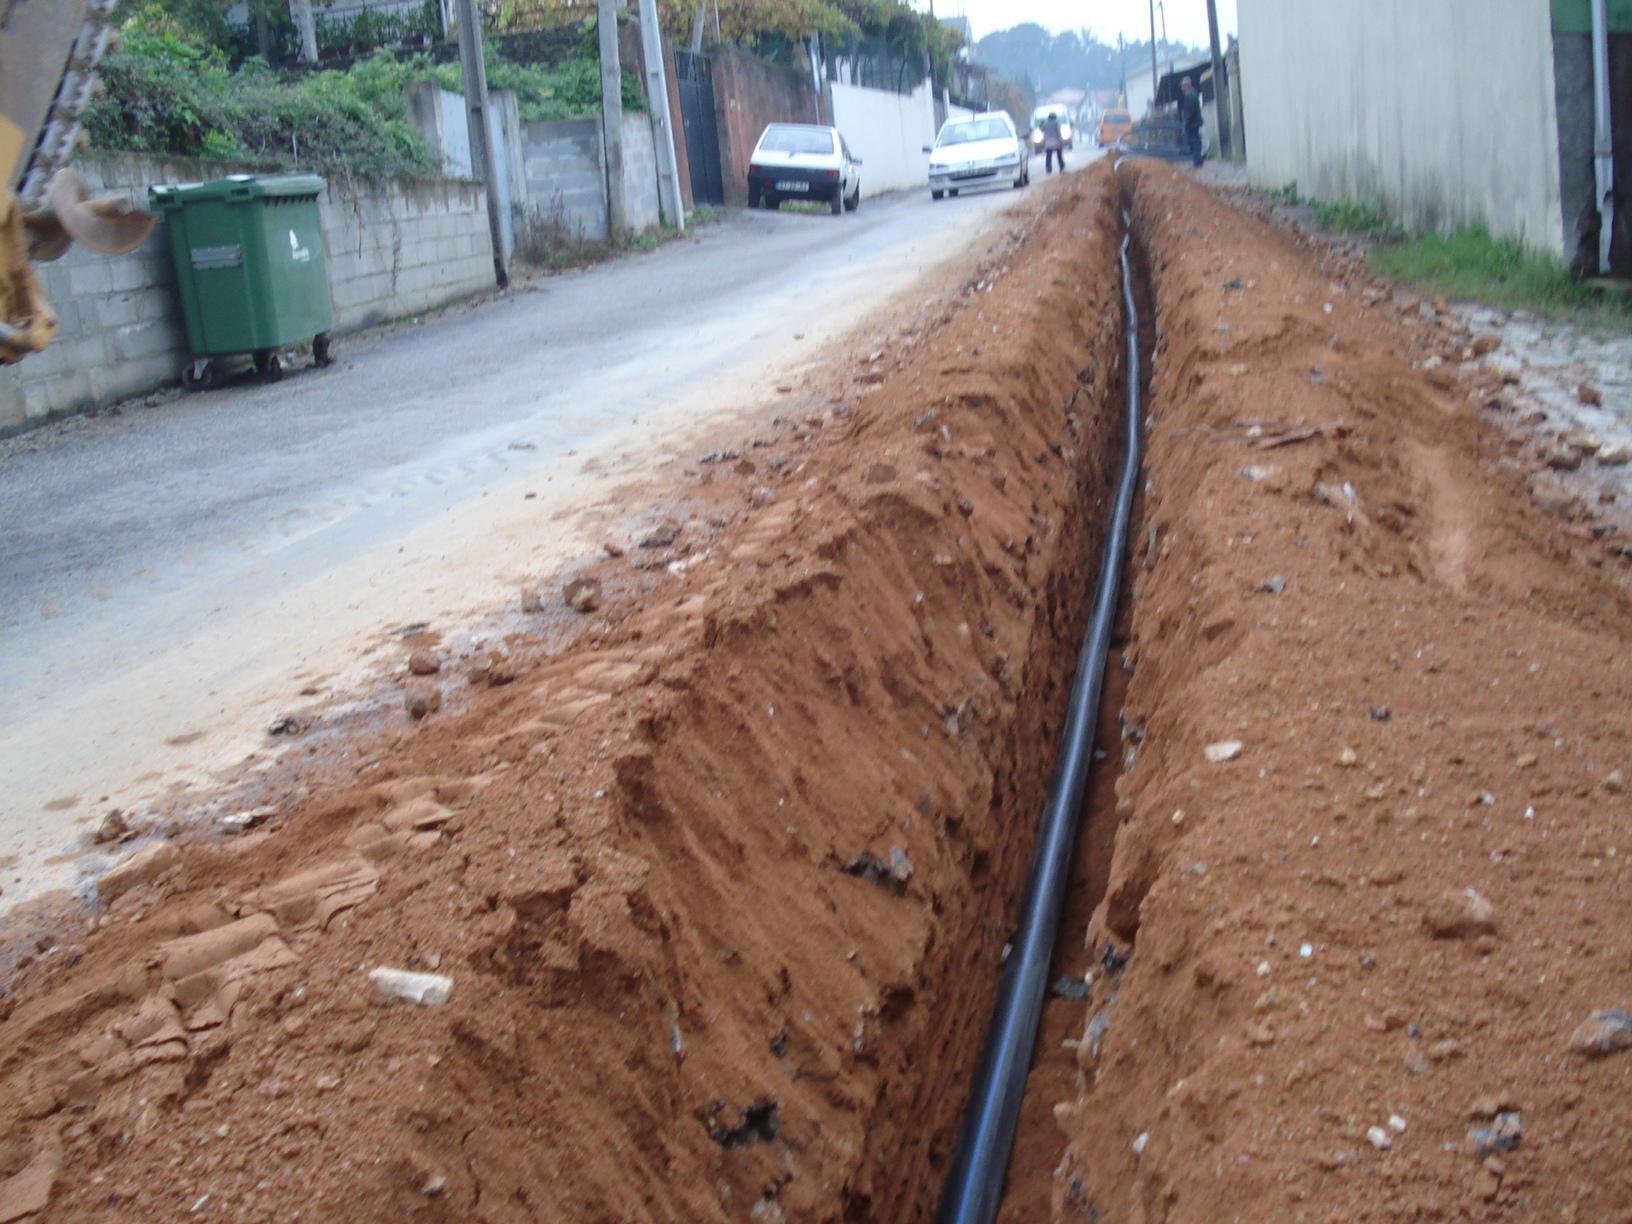 A Câmara Municipal de Oliveira de Azeméis deu já início ao procedimento do concurso para a concessão privada das redes de água e de saneamento do município